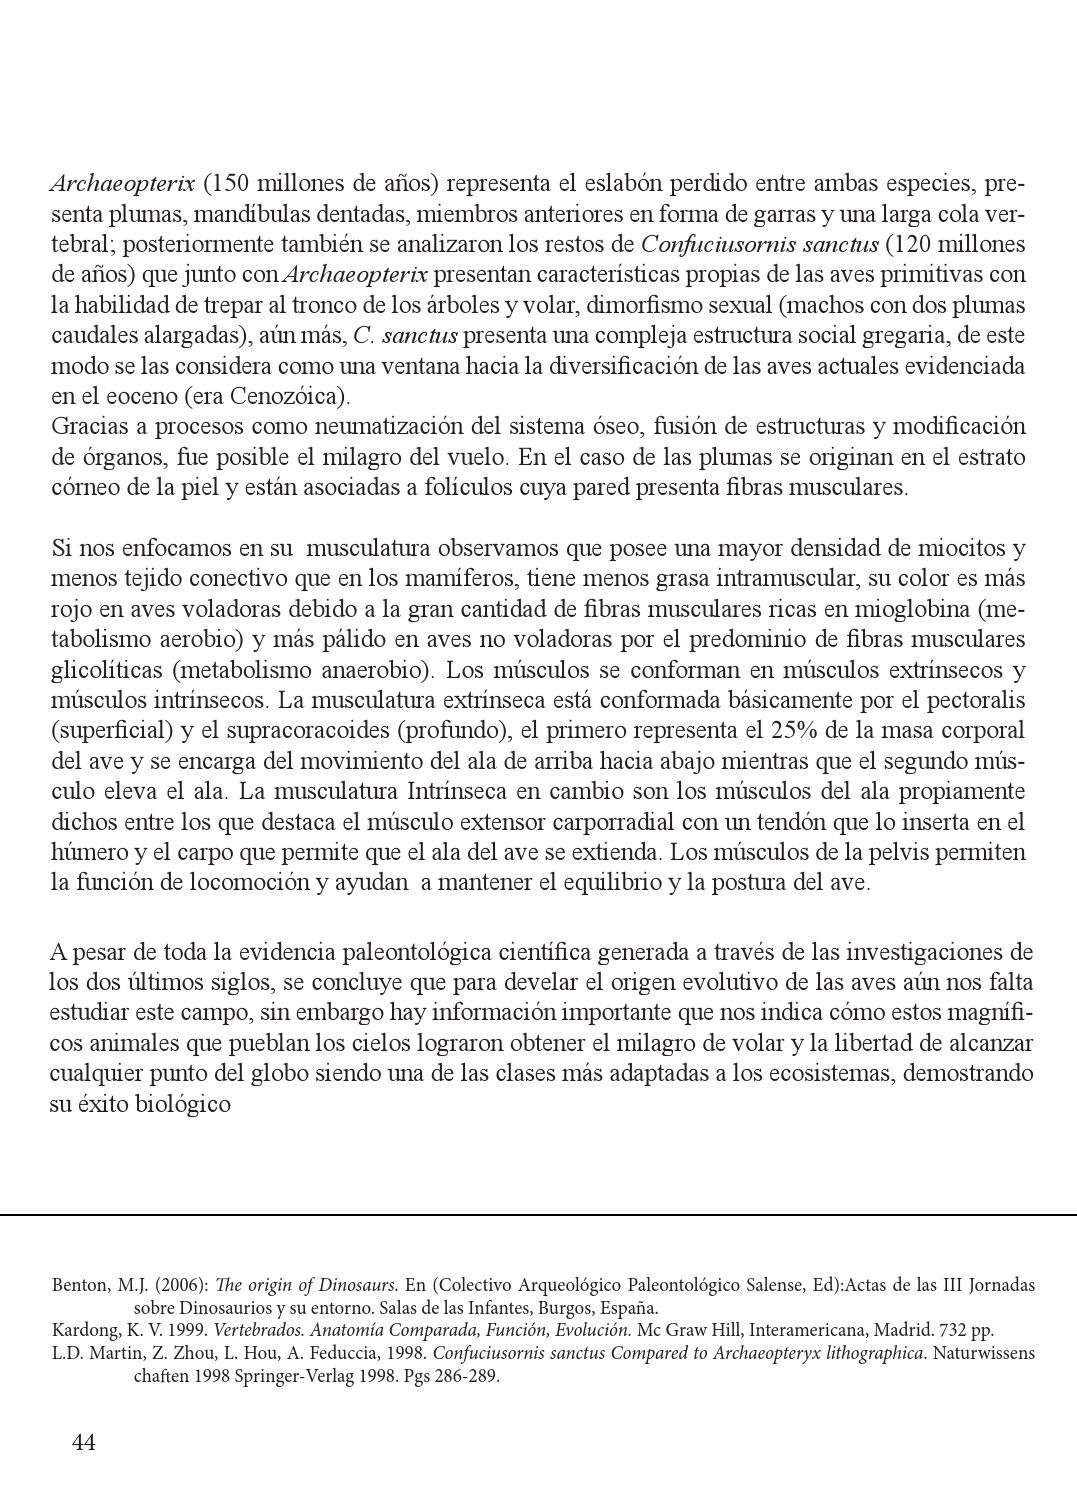 Atractivo Vertebrados Evolución De La Función Anatomía Comparada ...